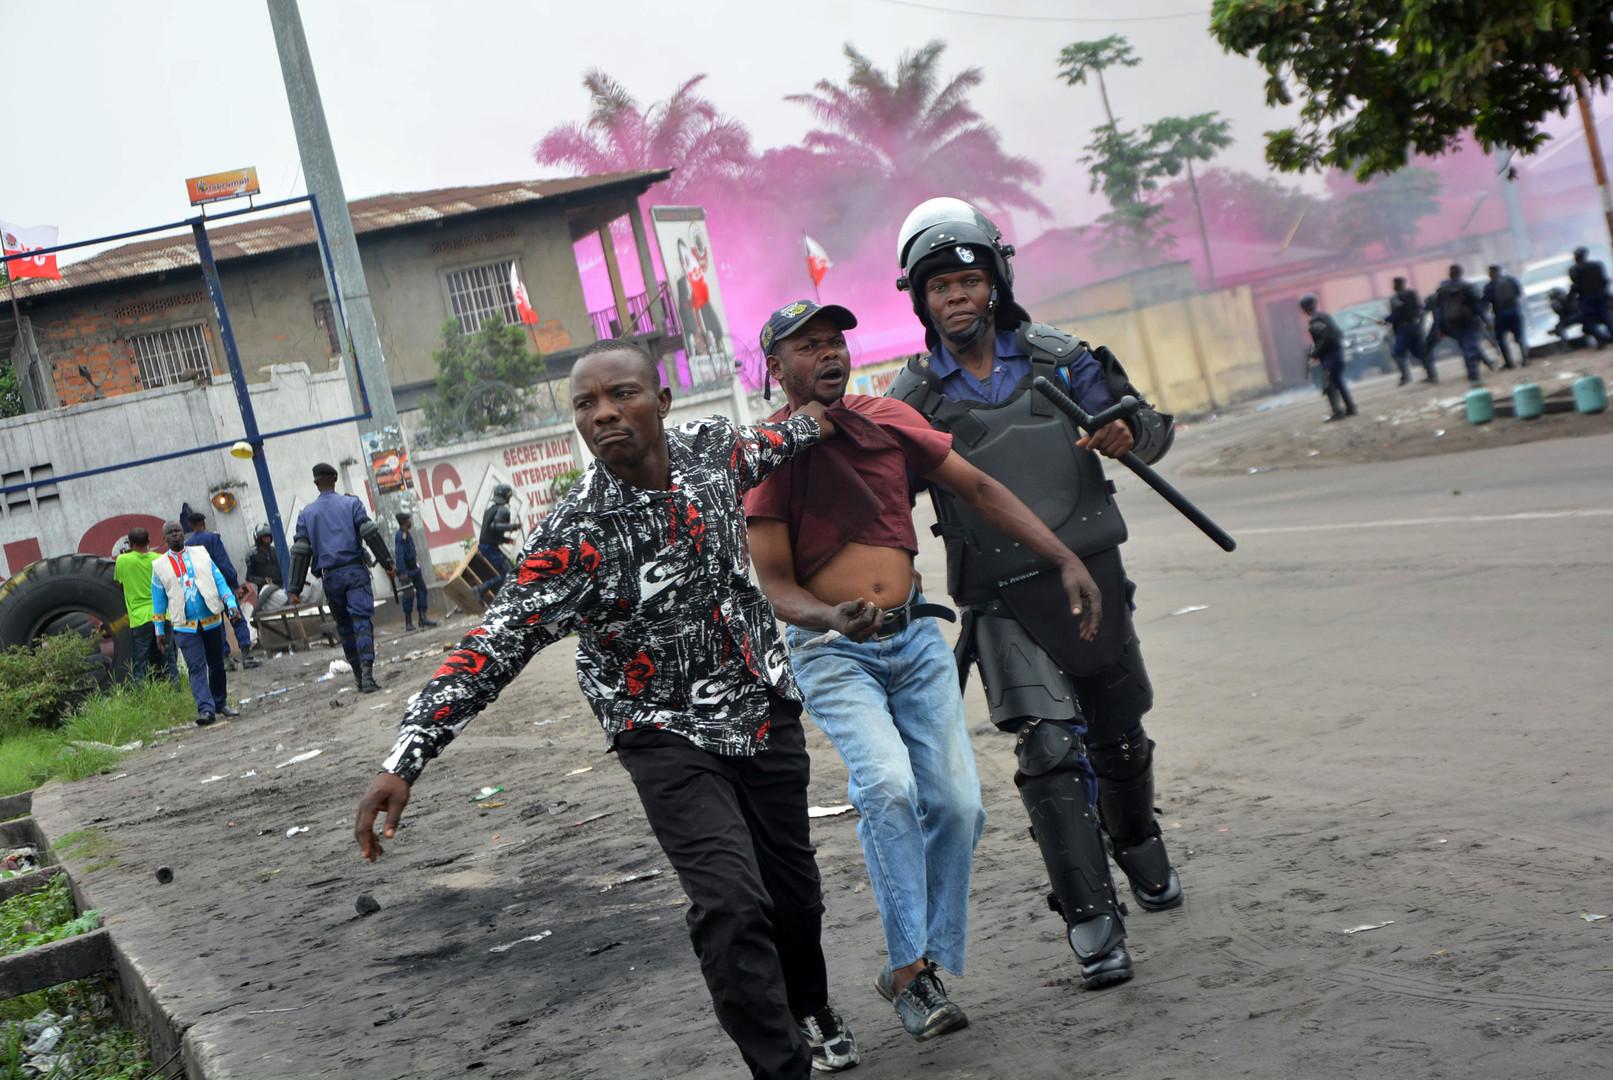 هيومن رايتس: 40 قتيلا في تظاهرات الكونغو